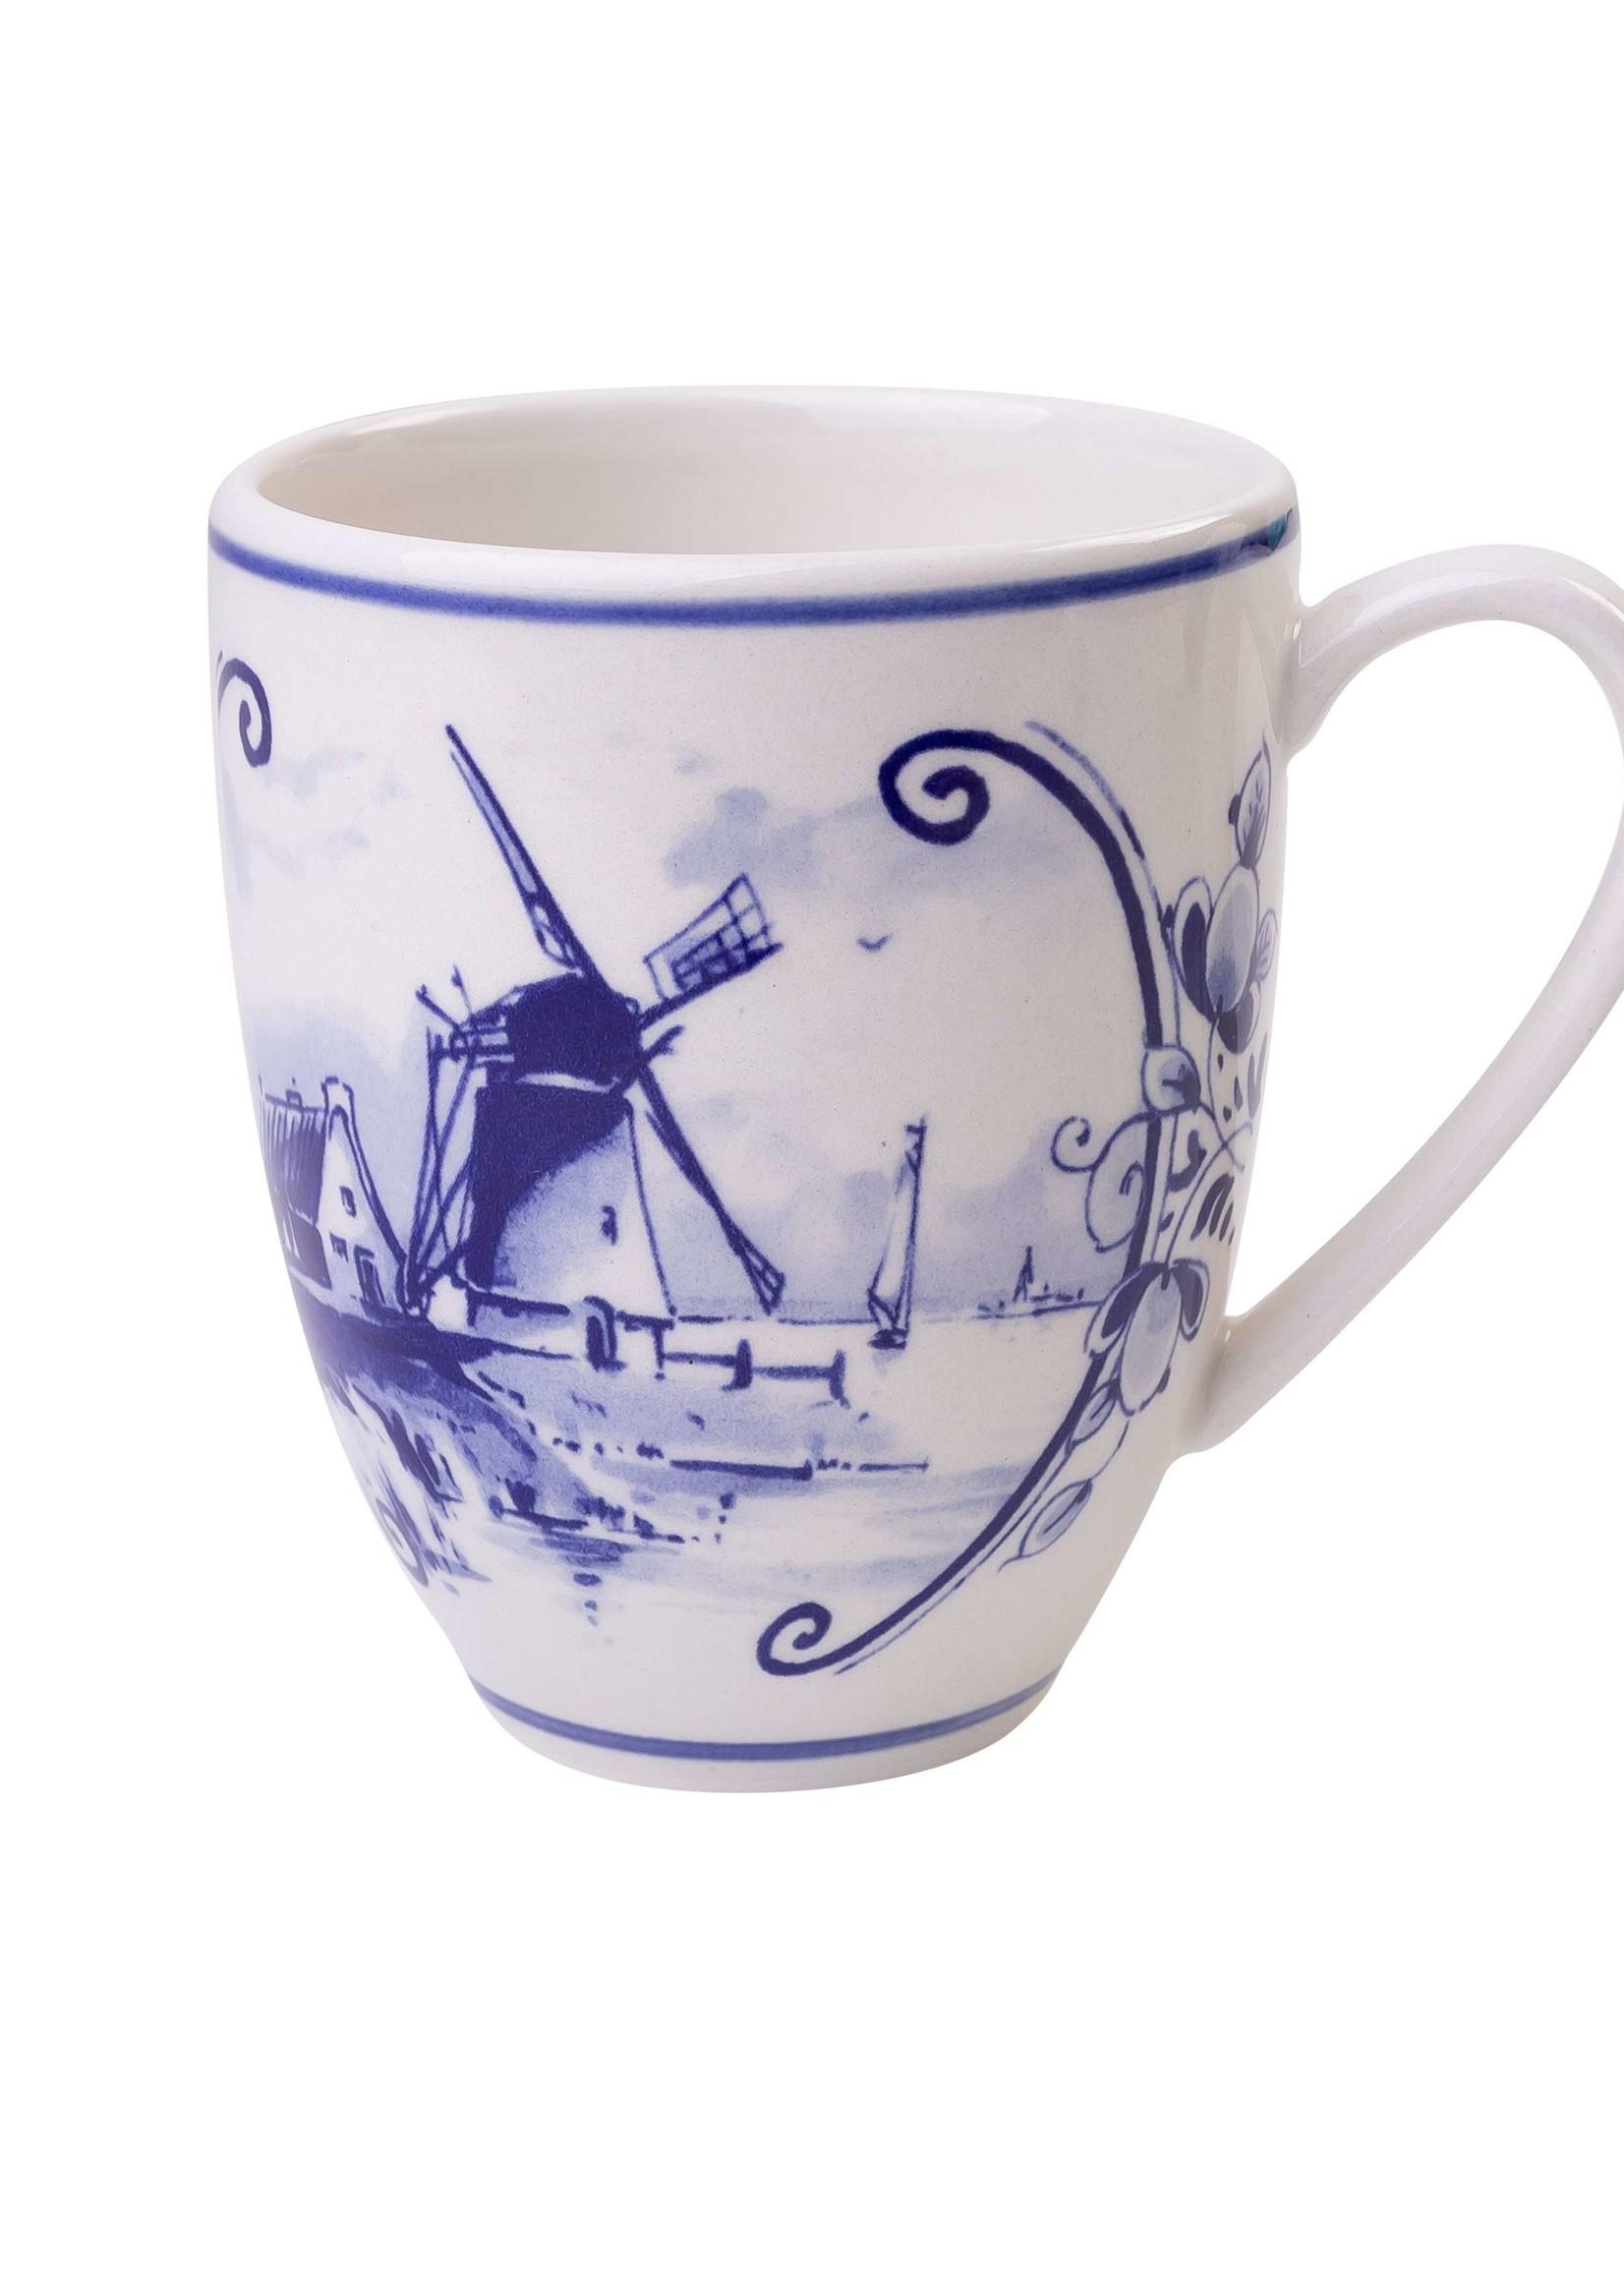 Heinen Delfts Blauw Delfts Blauwe Koffiemok Groot, 400 ml met een Hollands Landschap met een Windmolen 2